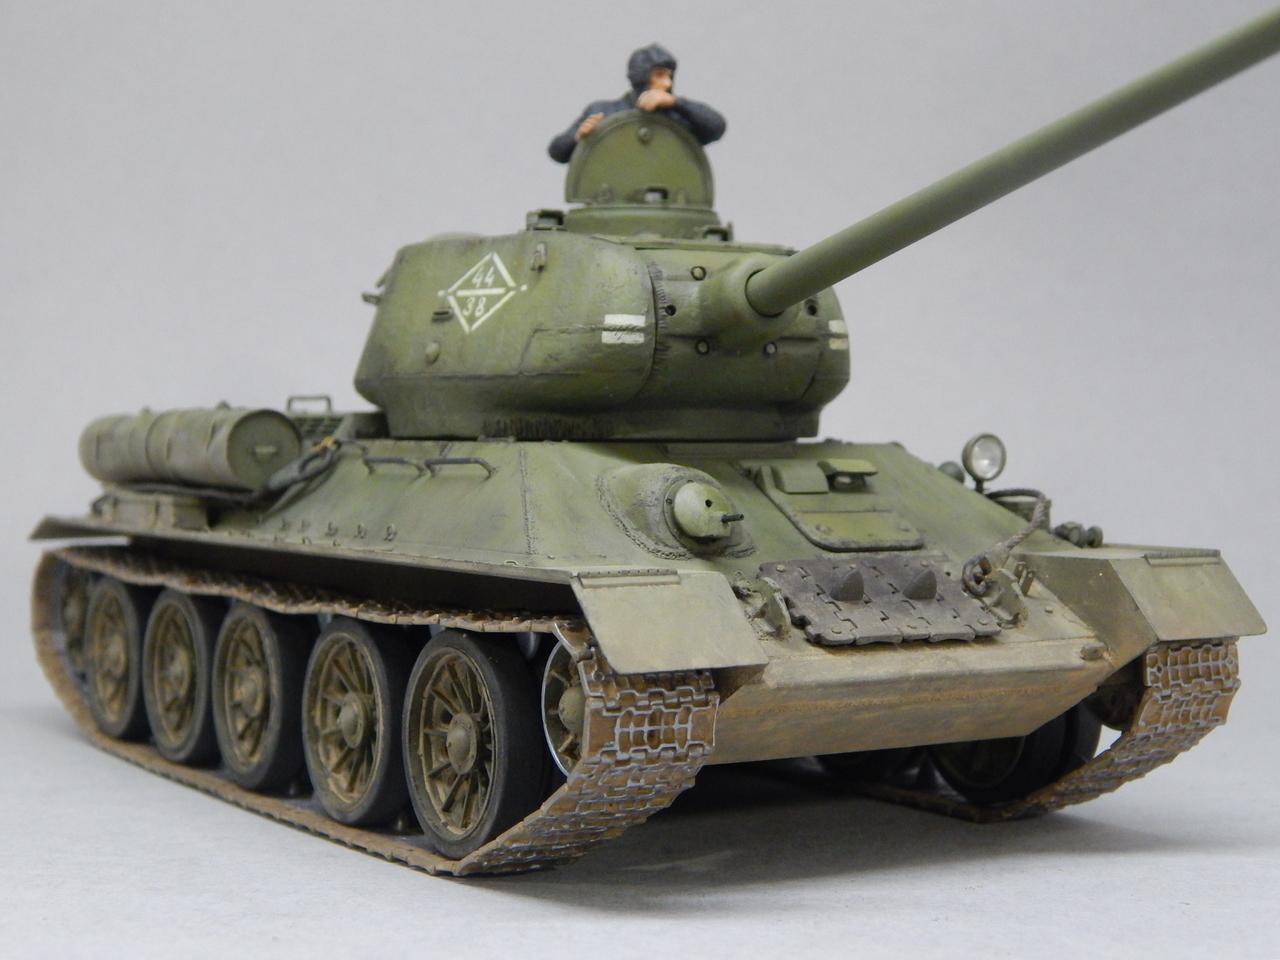 """""""Т-34/85. 1-я Гвардейская танковая армия, 11-й Гвардейский корпус, 44-я Гвардейская бригада."""" Берлин 1945 г. DSCN3093"""